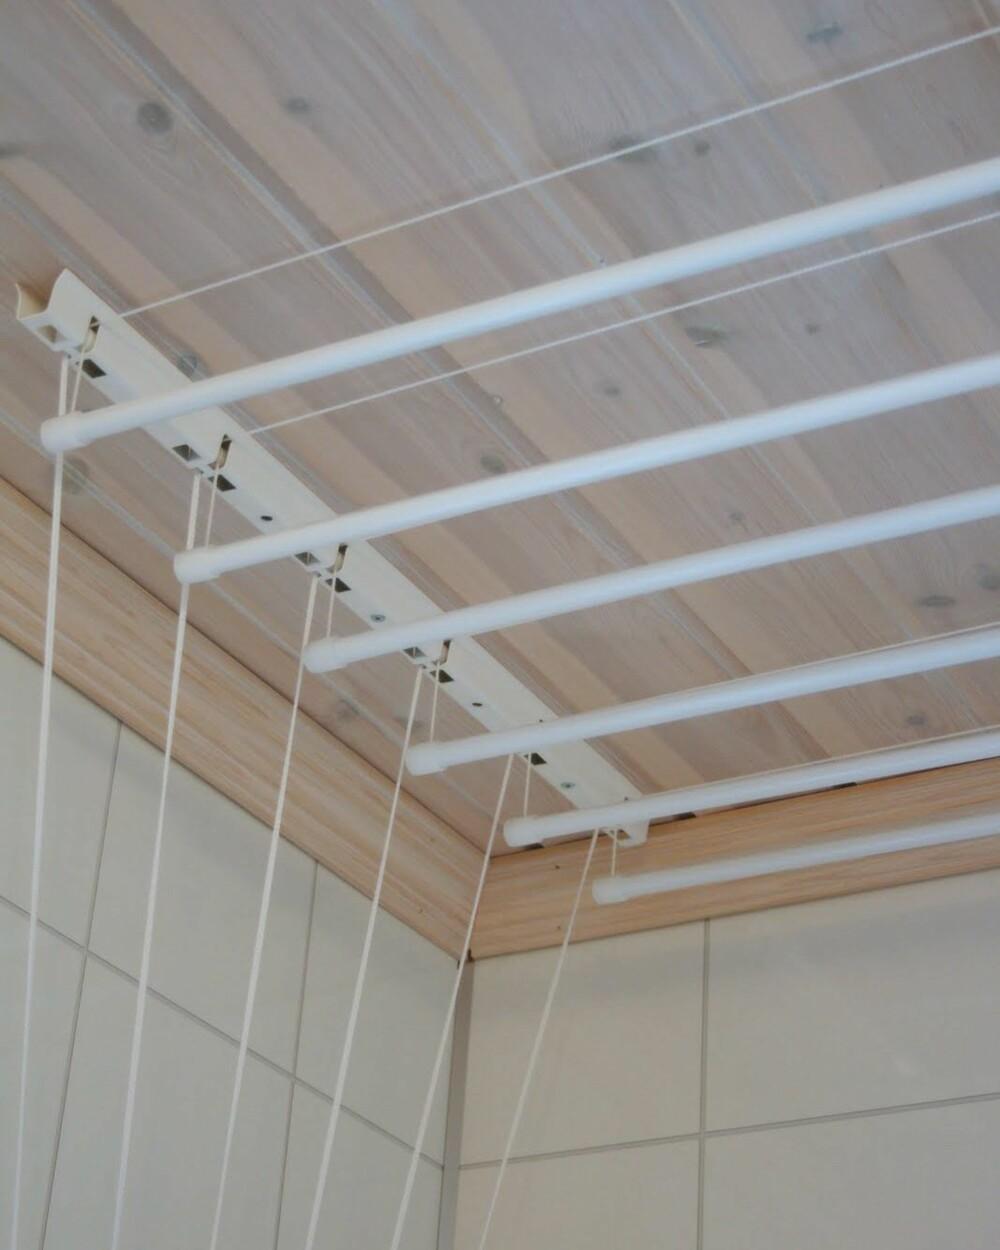 OPP AV GULVET: Dette takmonterte tørkestativet er festet i taket ved hjelp av to skinner. Snorene gjør at du kan dra opp klærne til taket ved tørk. Stengene og snorene er konstruert for å tåle 10 kg pr. stang. Kr 1195, torkestativ.no. Foto: Tørkestativ.no